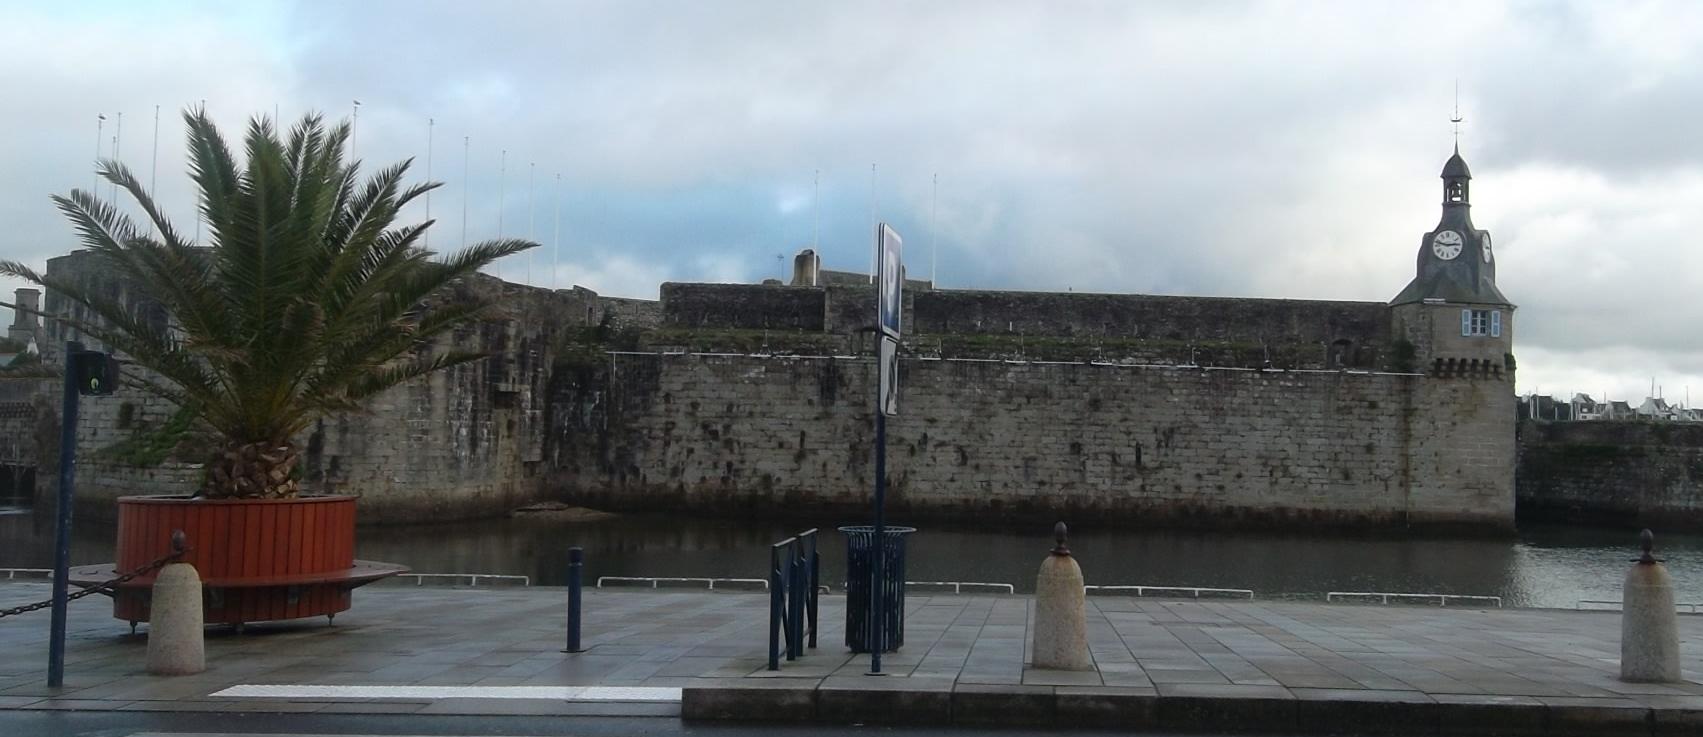 concarneau-ville-close-fortress-old-city-jan11